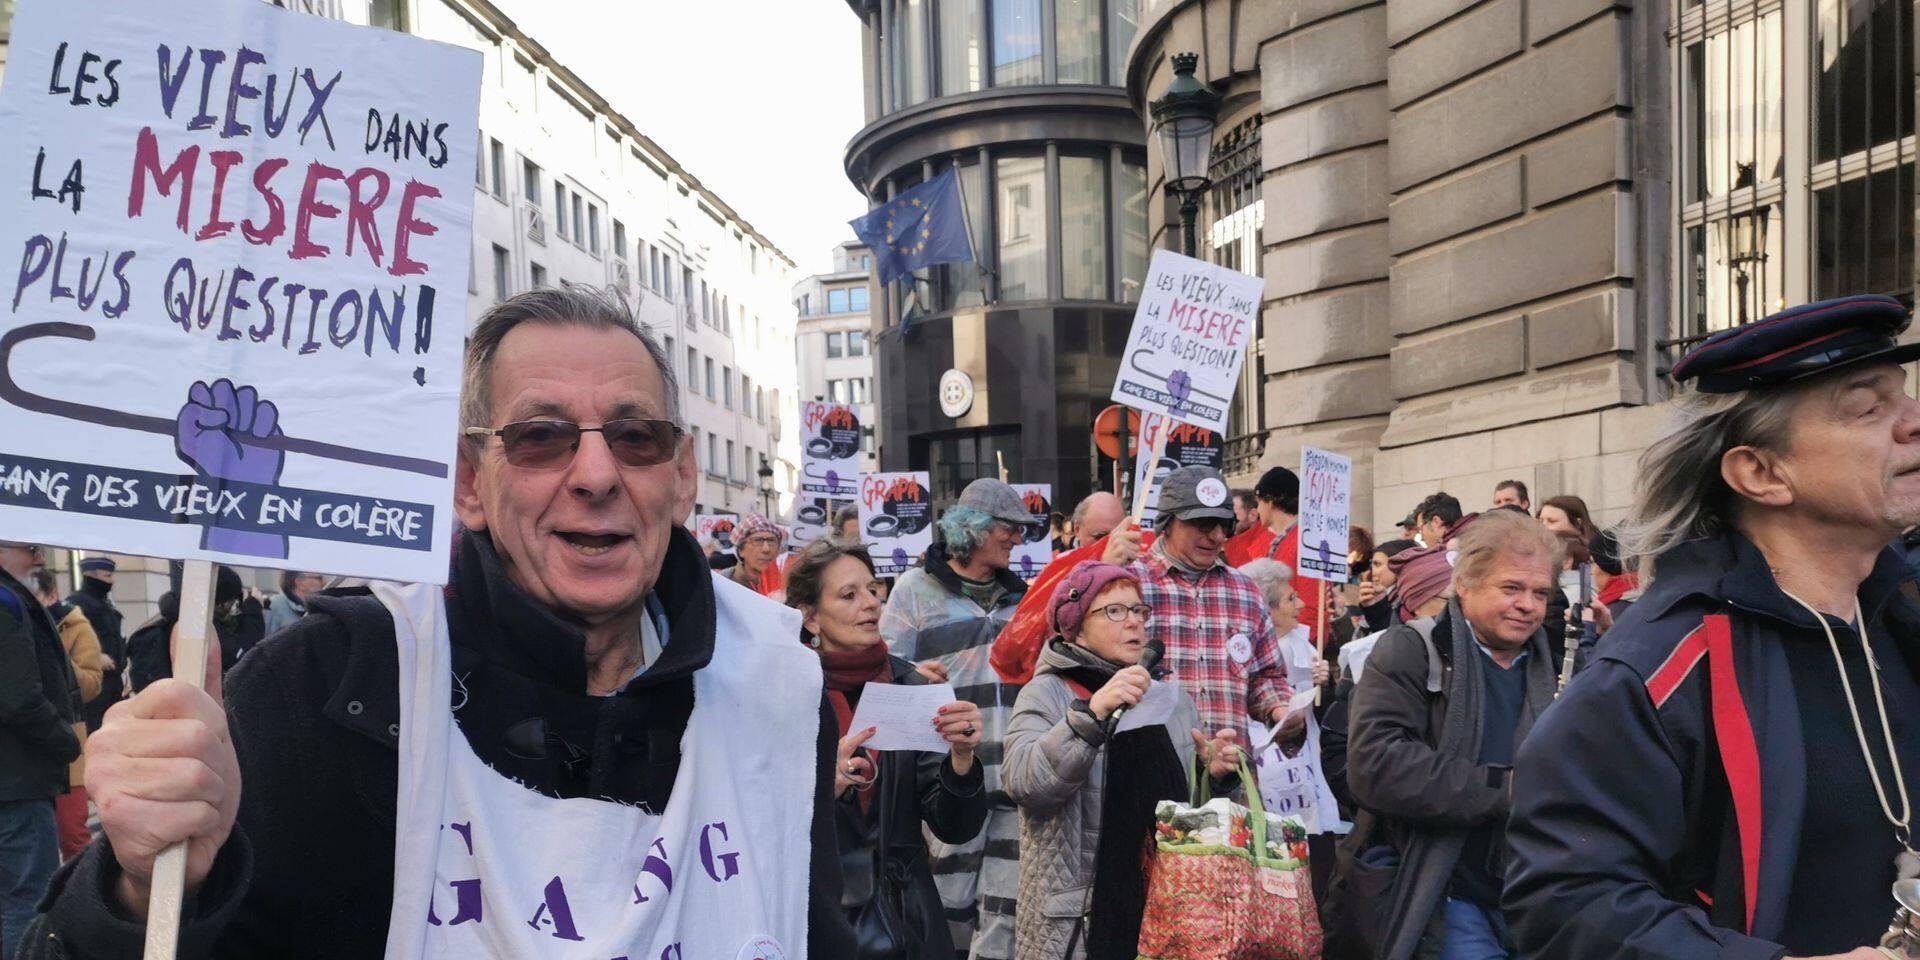 Le Gang des vieux en colère et d'autres associations avaient manifesté à Bruxelles le 17 février contre la procédure de contrôle des bénéficiaires de la Grapa par les facteurs.